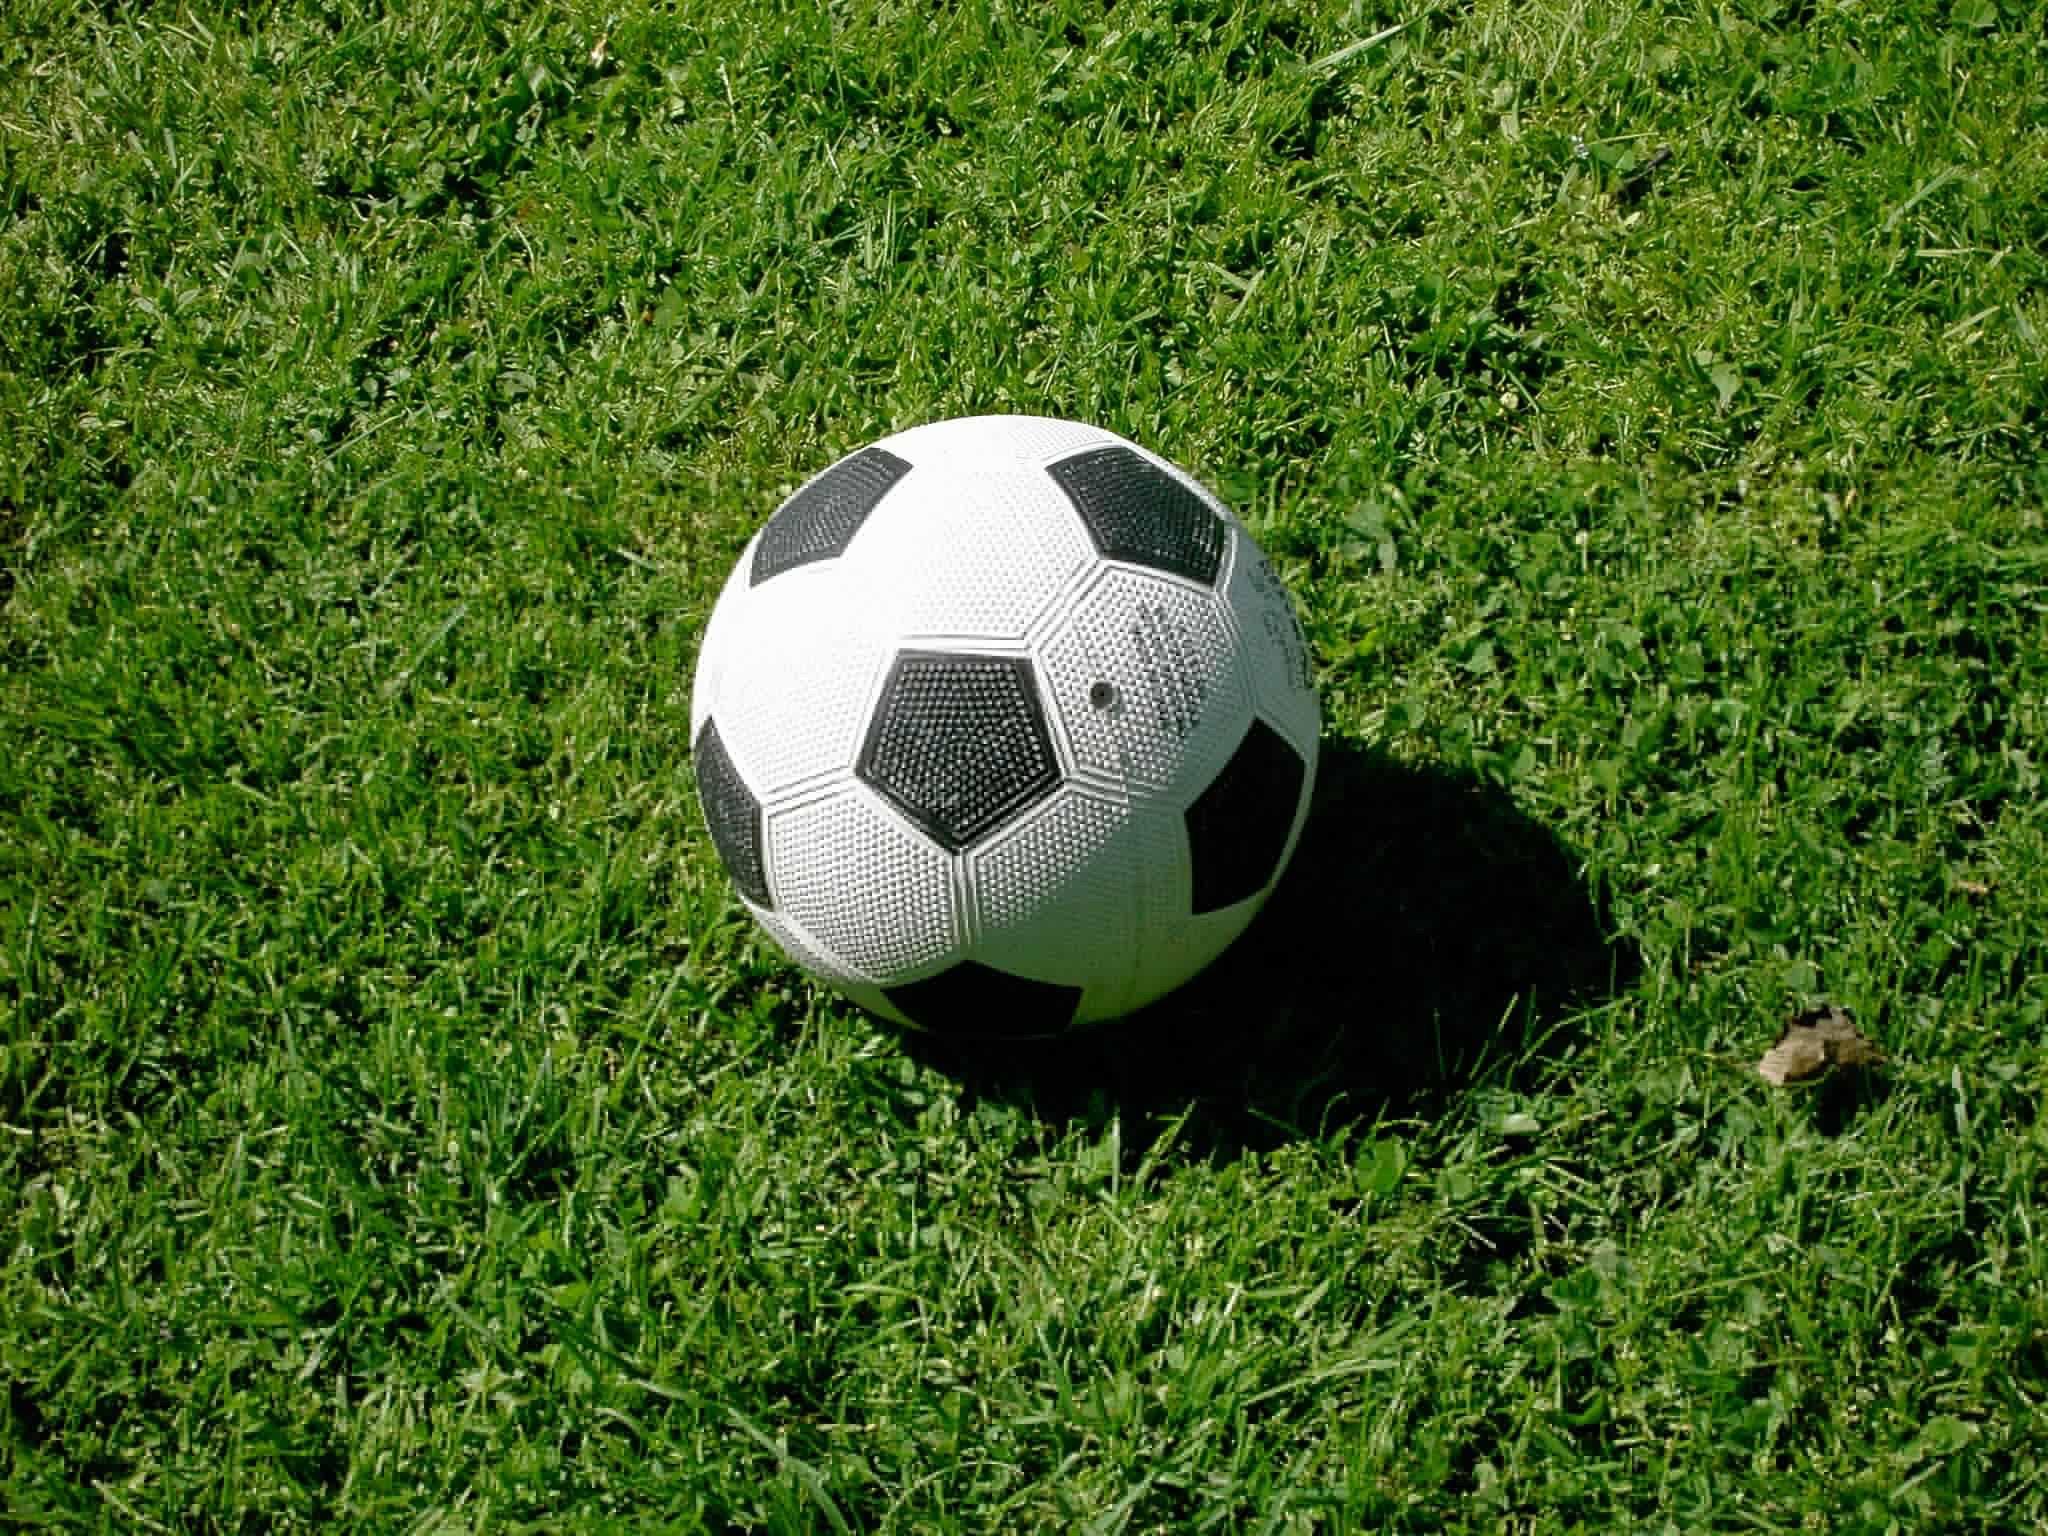 fotball i dag resultater